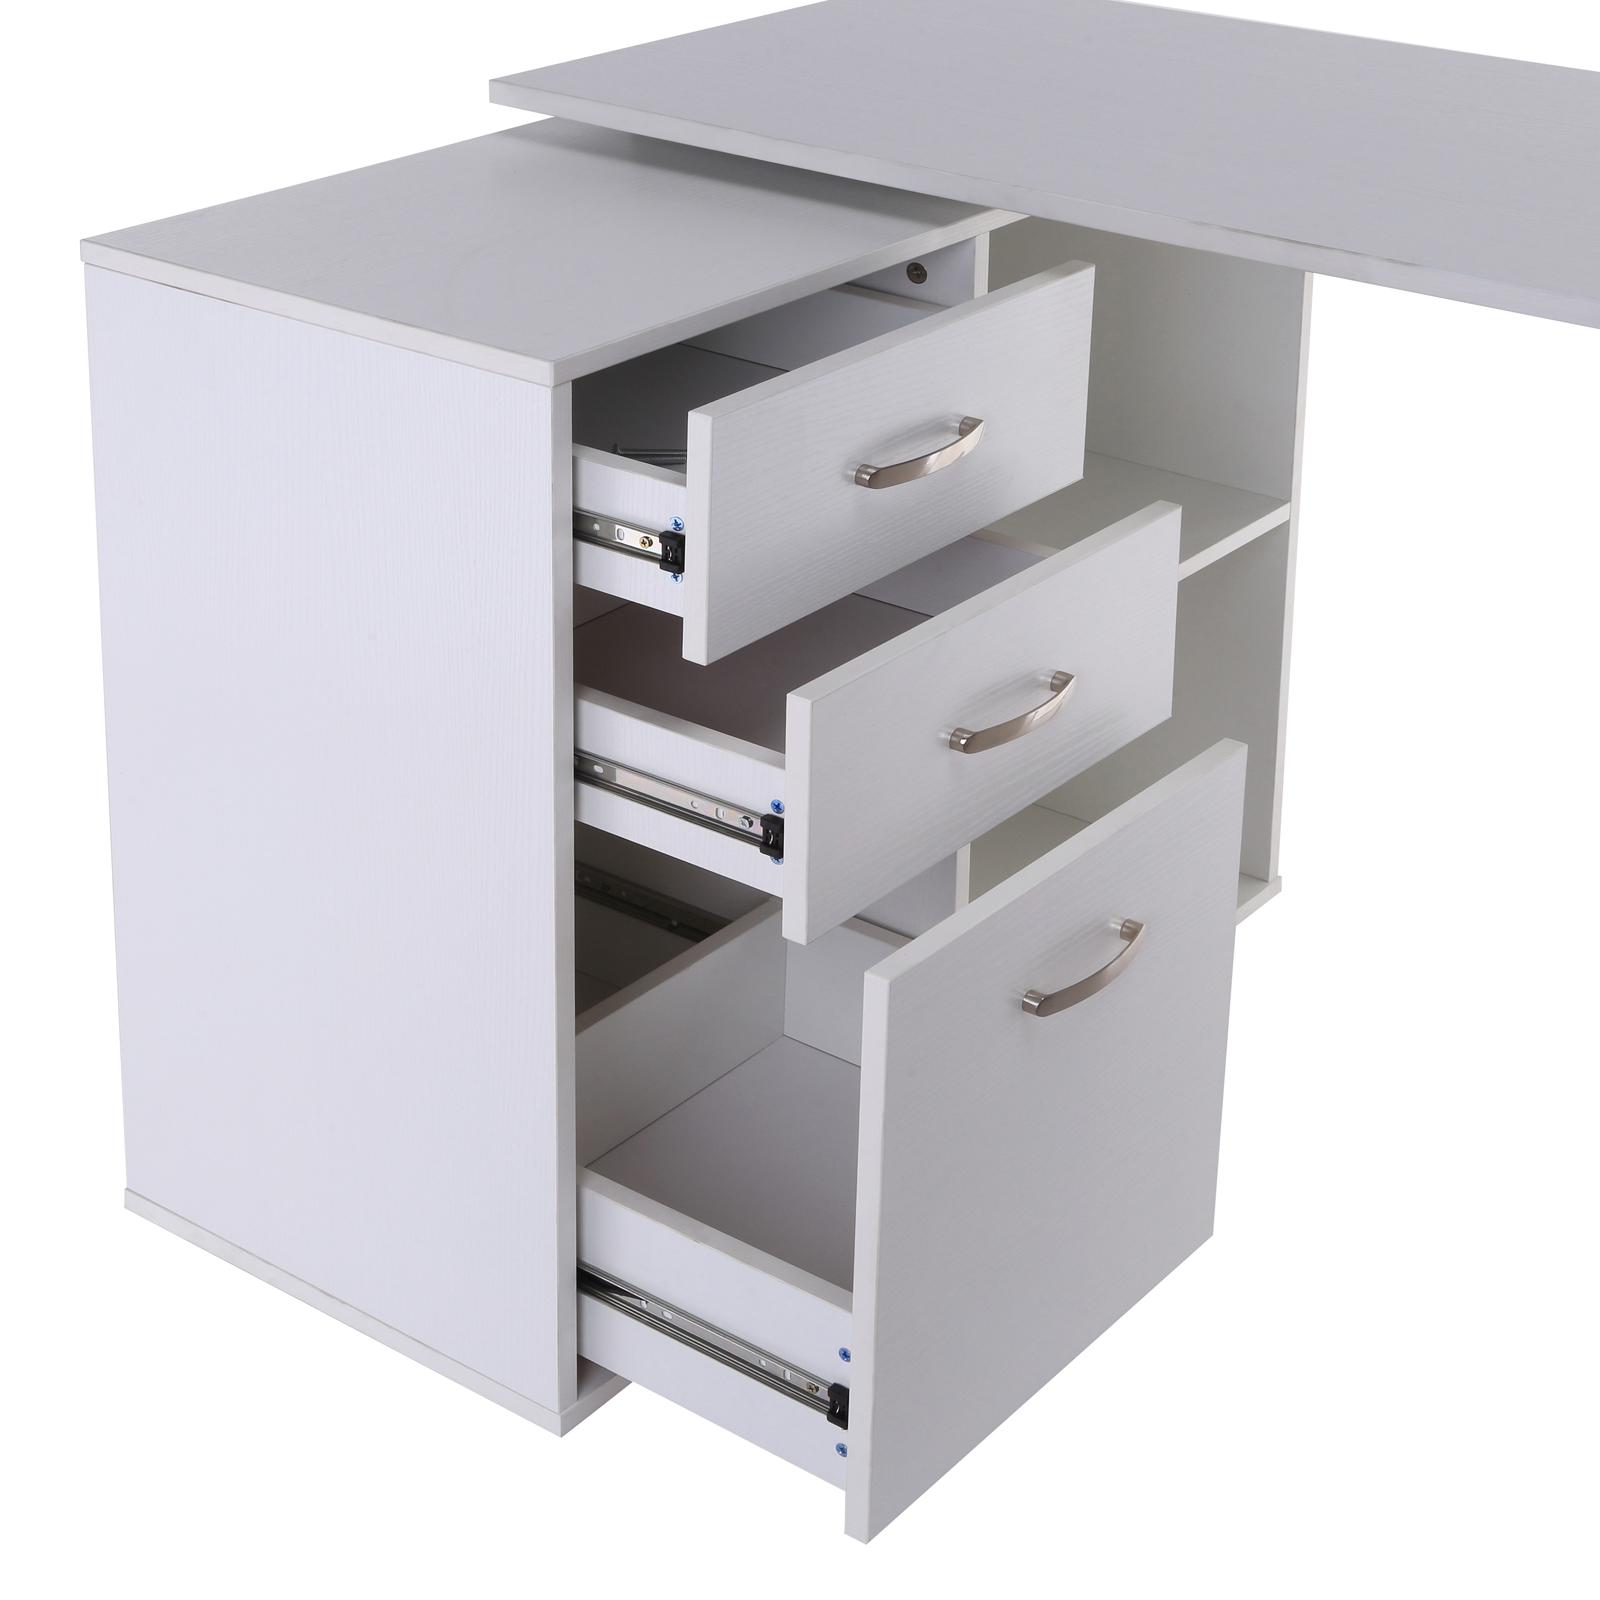 computer desk table workstation l shape drawer shelf file cabinet home office ebay. Black Bedroom Furniture Sets. Home Design Ideas